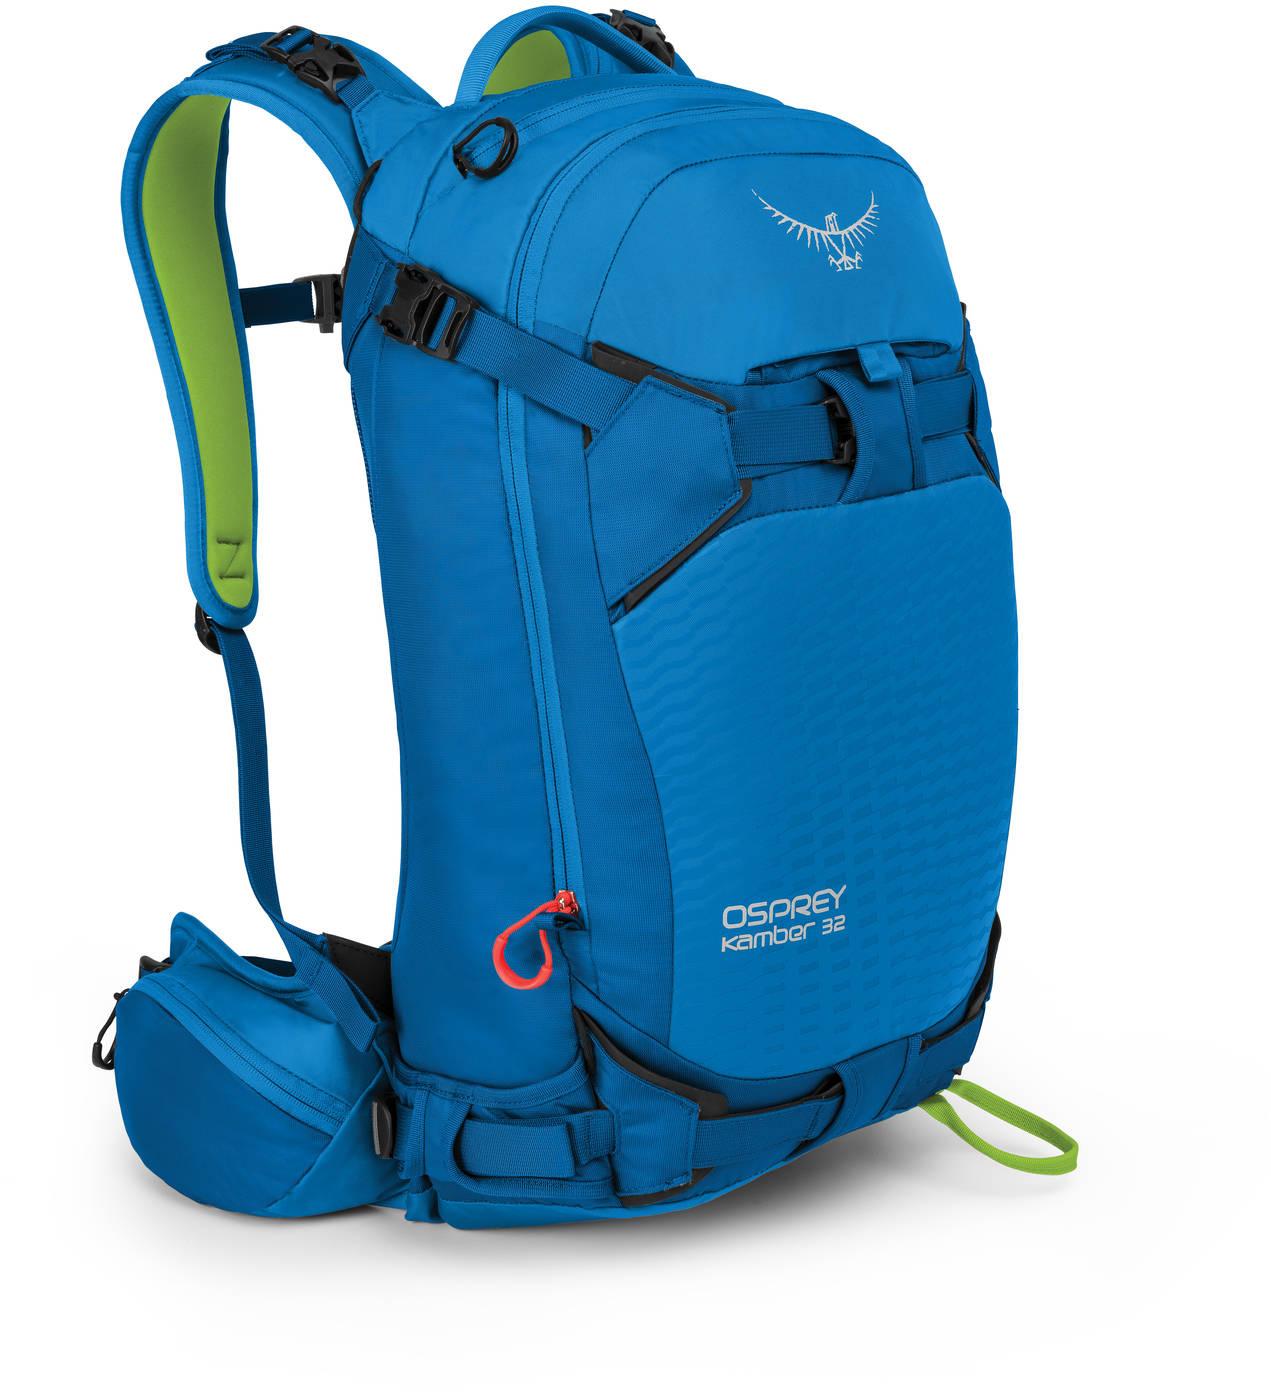 Рюкзаки для сноуборда Рюкзак сноубордический Osprey Kamber 32 Cold Blue Kamber_32_Side_Cold_Blue_web.jpg